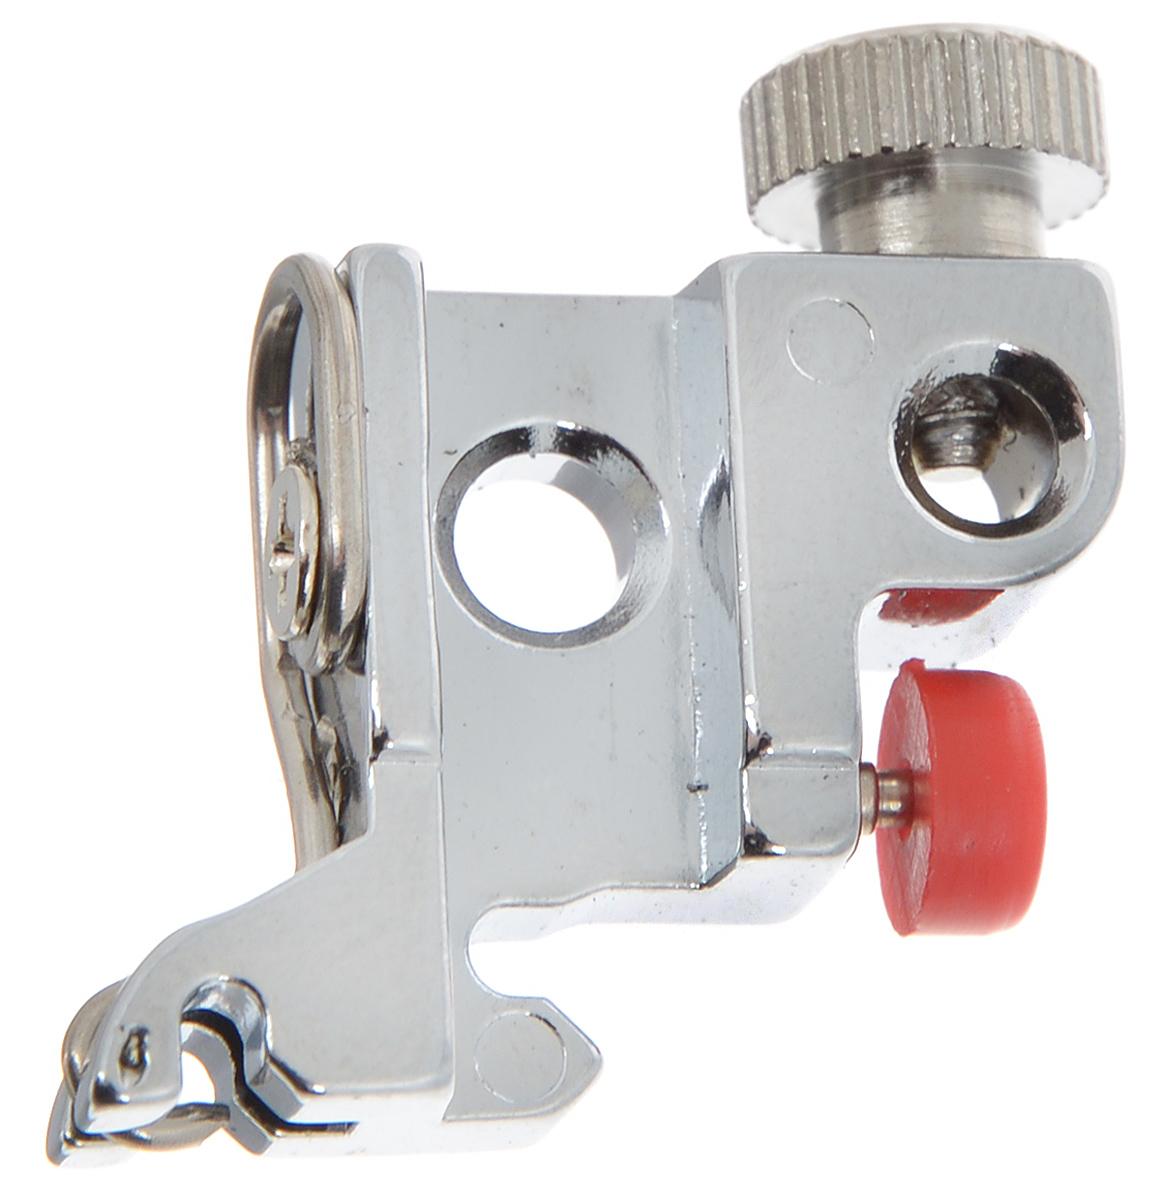 Держатель лапок для швейной машины Aurora, с адаптеромAU-153Держатель Aurora применяется для быстрой смены лапок для швейных машин. Он устанавливается под винт штока прижимной лапки. Подходит для большинства современных бытовых швейных машин. Инструкция по использованию прилагается.